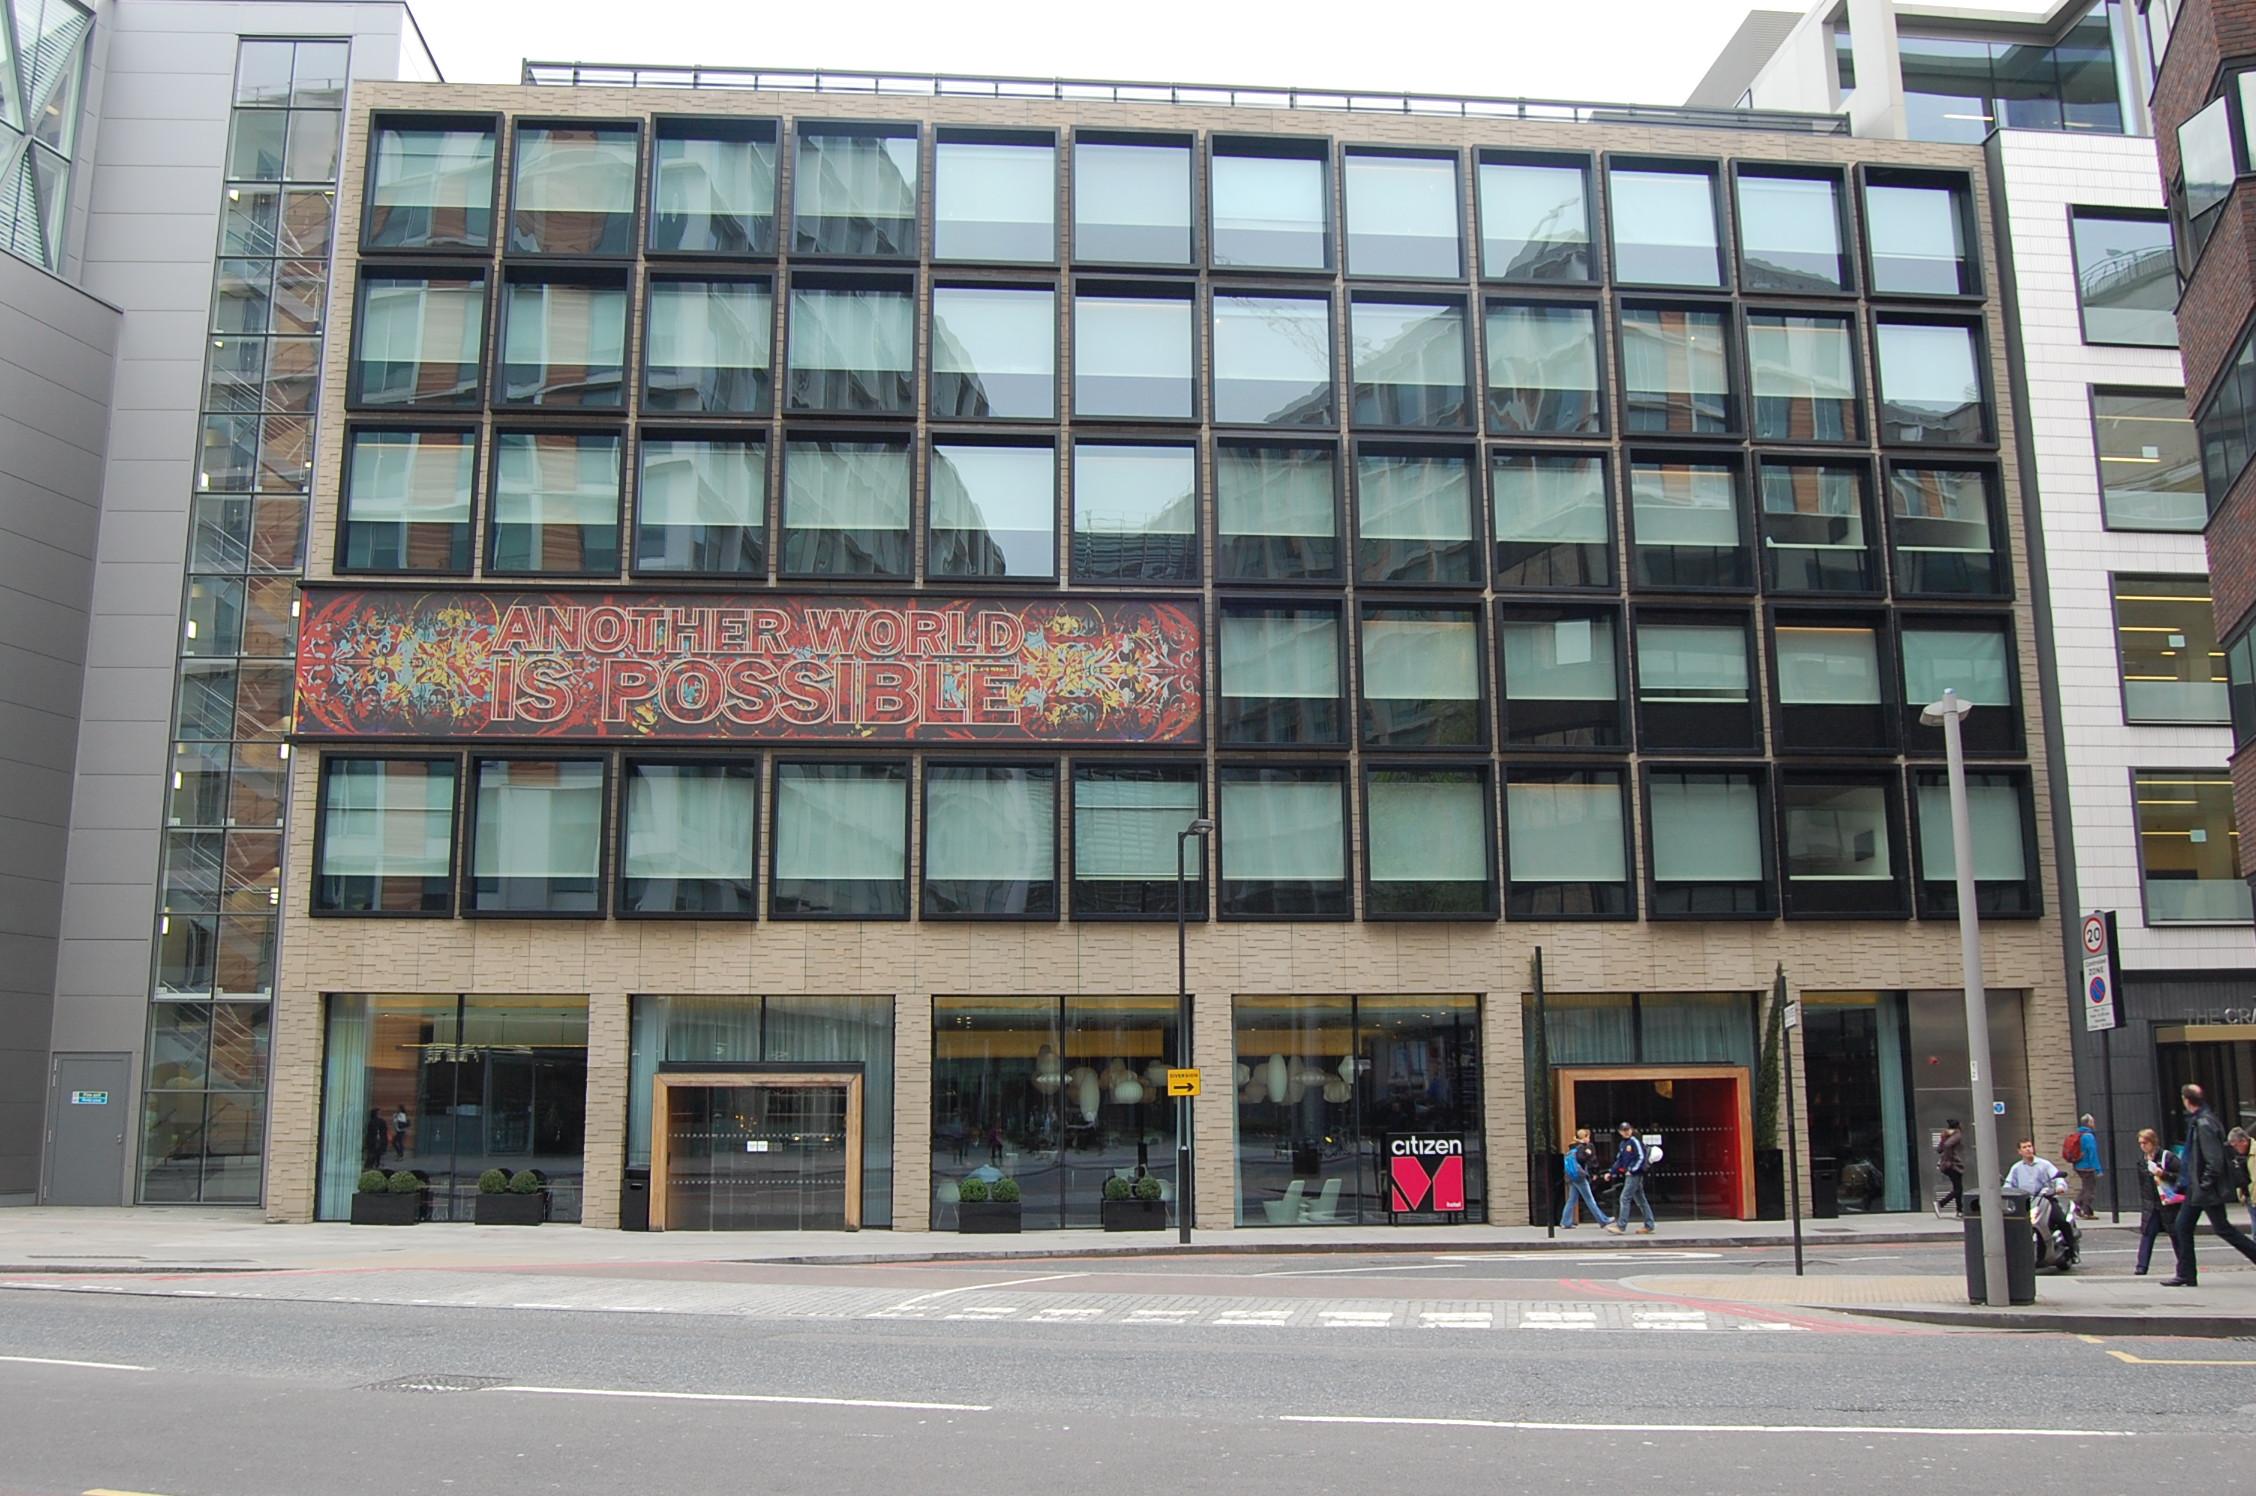 Citizenm Hotel Amsterdam Citizenm Citizen Mobile Buensalido Architects